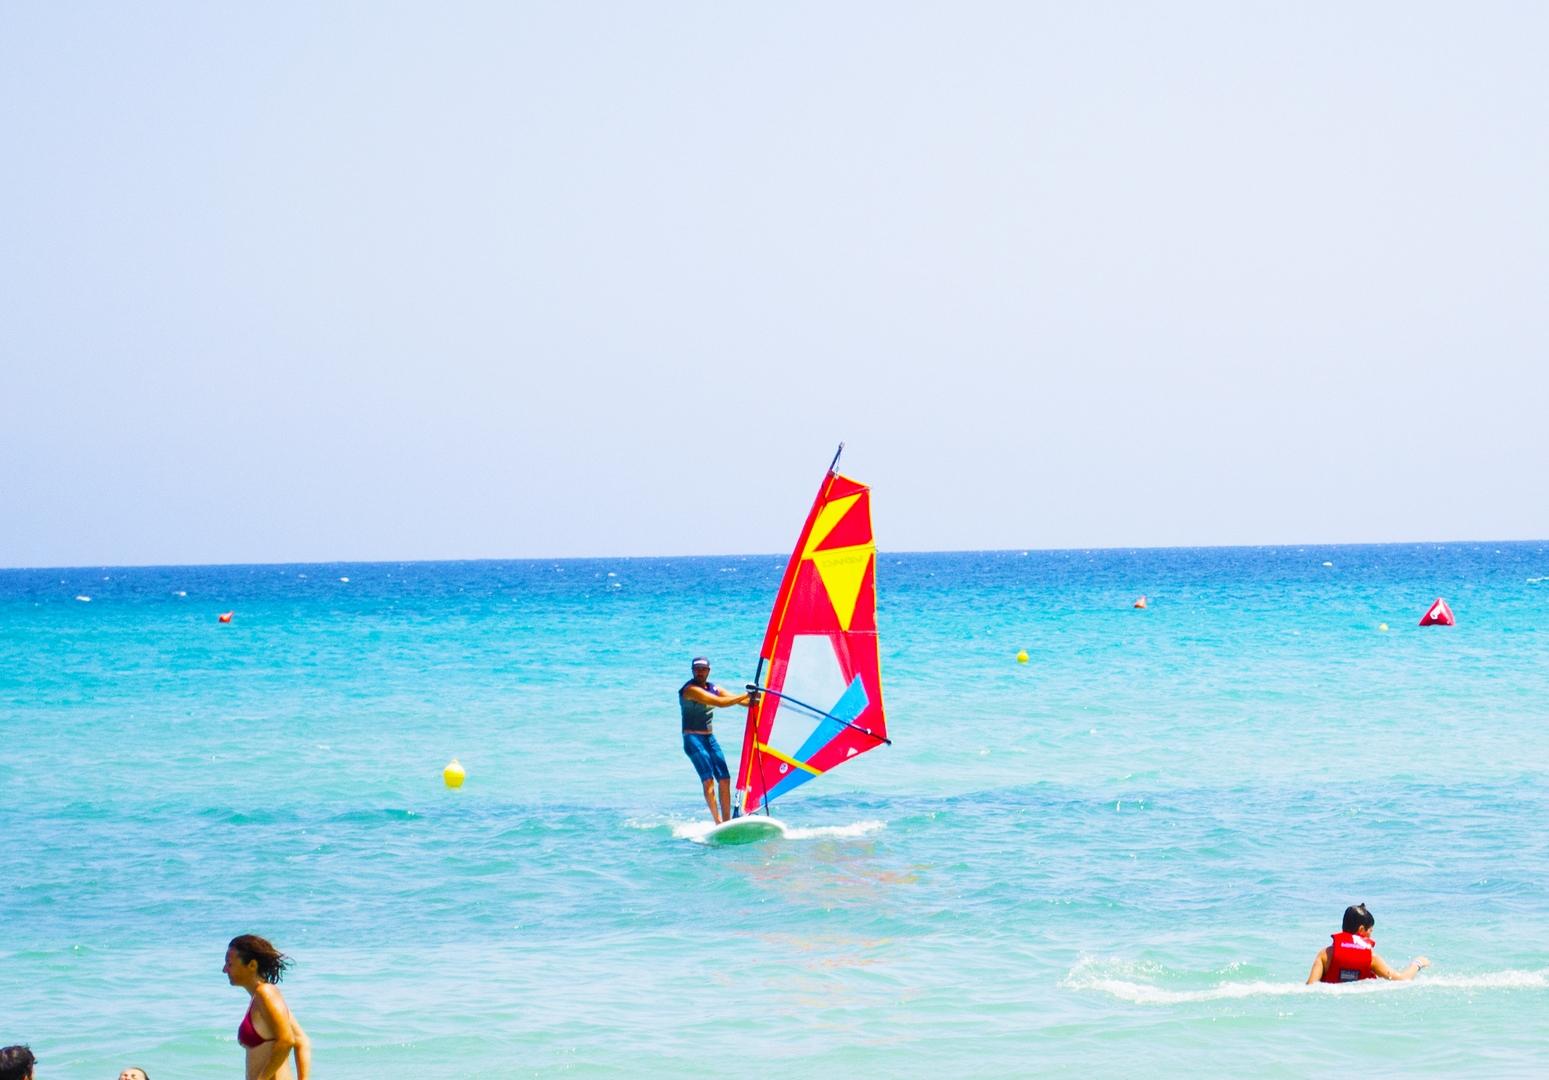 iniziare a navigare con il windsurf